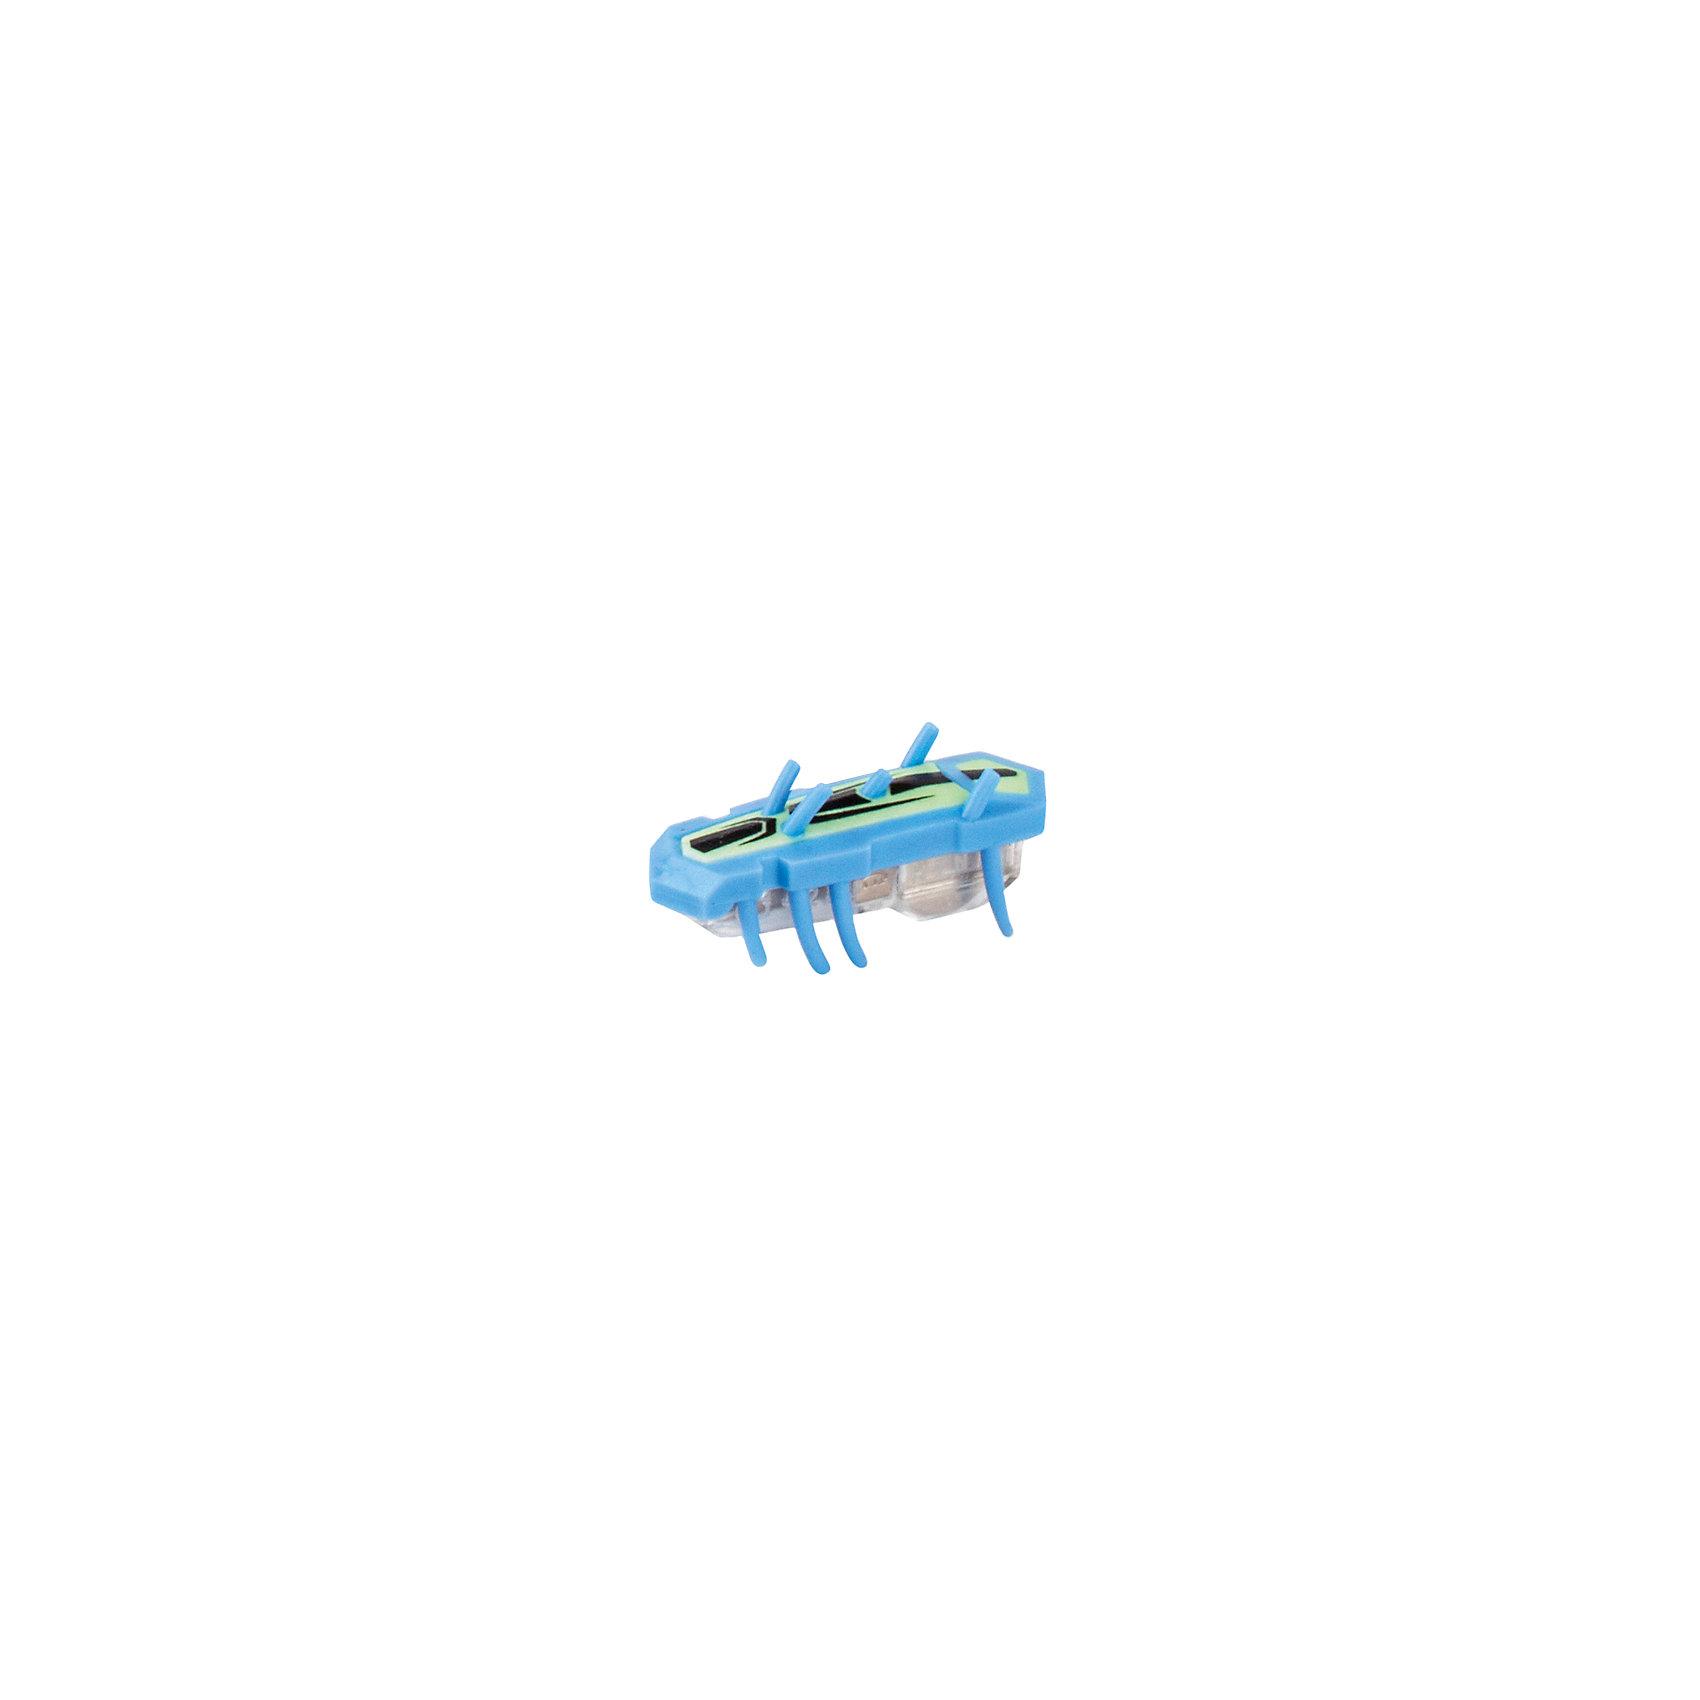 Микро-робот Nitro Glow , голубой, HexbugИнтерактивные игрушки для малышей<br>Микро-робот Nitro Glow, голубой, Hexbug (Хексбаг)<br><br>Характеристики:<br><br>• быстро меняет траекторию движения<br>• самостоятельно переворачивается<br>• карабкается наверх<br>• мощный моторчик<br>• устойчив к повреждениям<br>• 8 ножек снизу и 5 сверху<br>• батарейки: AG13 - 1 шт. (входит в комплект)<br>• размер: 1,4х2х4,2 см<br>• вес: 8 грамм<br>• цвет: голубой<br>• материал: пластик<br>• размер упаковки: 13х5х3 см<br>• вес: 65 грамм<br><br>Маленький робот Nitro Glow невероятно быстрый и ловкий. Он способен двигаться в любом направлении, передвигая своими крохотными лапками. Не спешите поднимать микро-робота, если он повернулся на спинку - Nitro Glow сможет самостоятельно перевернуться и продолжить забег. Благодаря усовершенствованным технологиям и пяти верхним лапкам жучок научился взбираться по специальным трубочкам из лабиринтов нанодрома. При этом старые лабиринты тоже отлично подойдут для микро-робота.<br><br>Микро-робота Nitro Glow, голубой, Hexbug (Хексбаг) можно купить в нашем интернет-магазине.<br><br>Ширина мм: 130<br>Глубина мм: 25<br>Высота мм: 25<br>Вес г: 30<br>Возраст от месяцев: 36<br>Возраст до месяцев: 2147483647<br>Пол: Унисекс<br>Возраст: Детский<br>SKU: 5507234